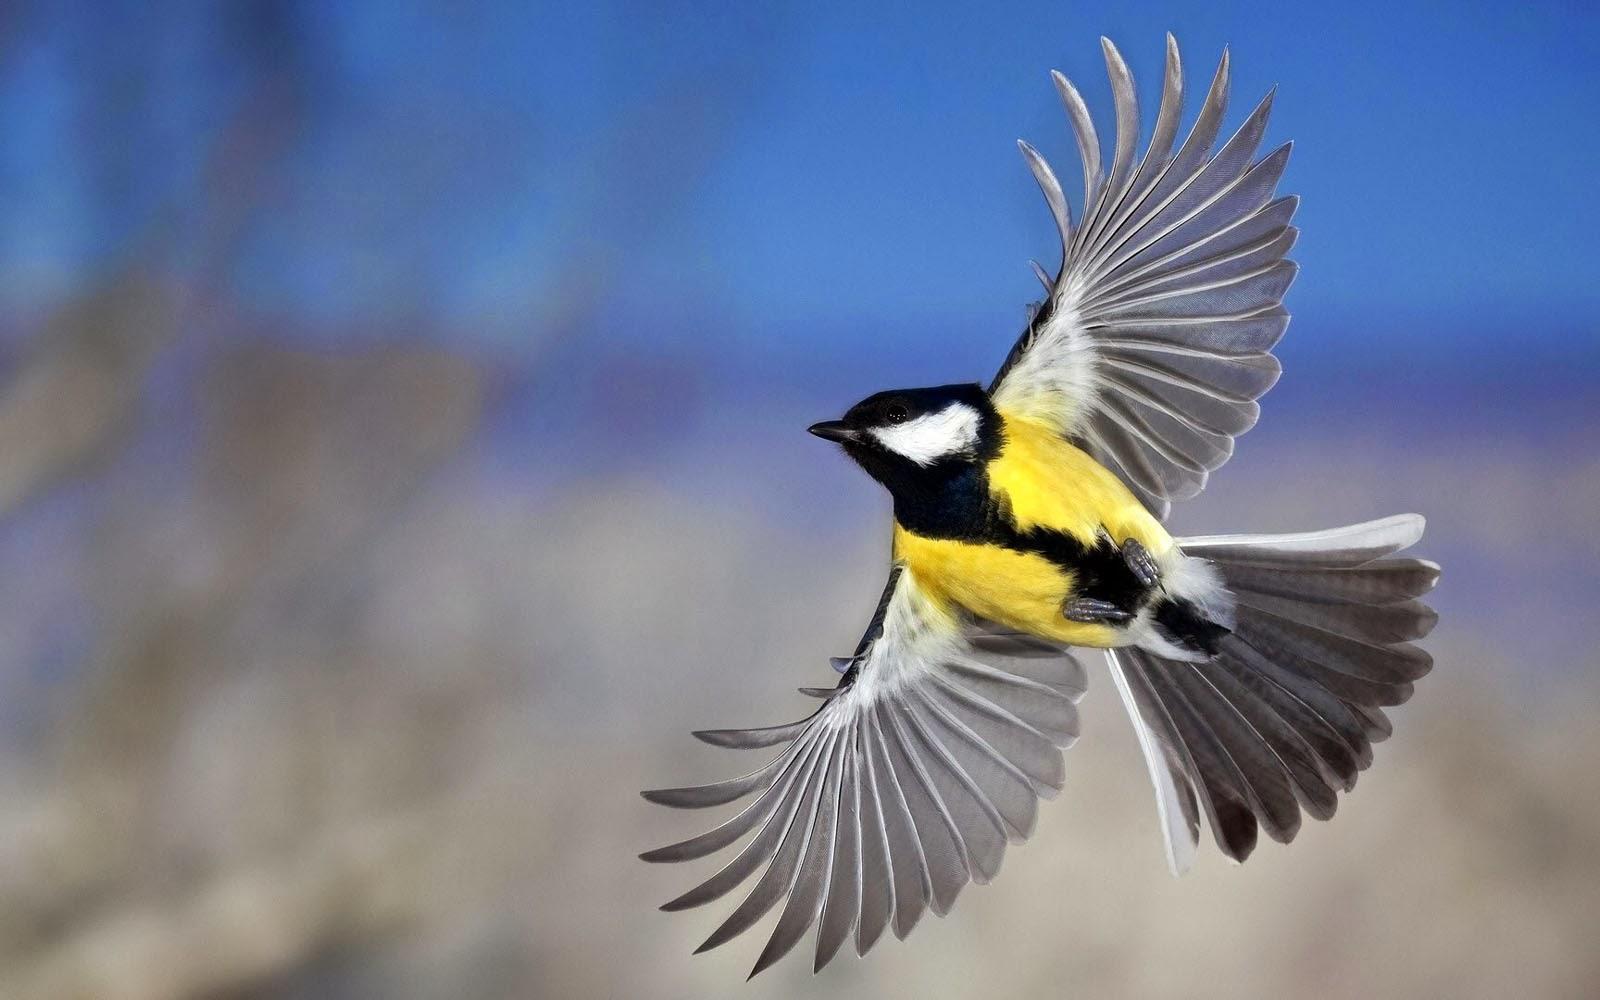 Flying Birds Wallpapers   Top Wallpaper Desktop 1600x1000